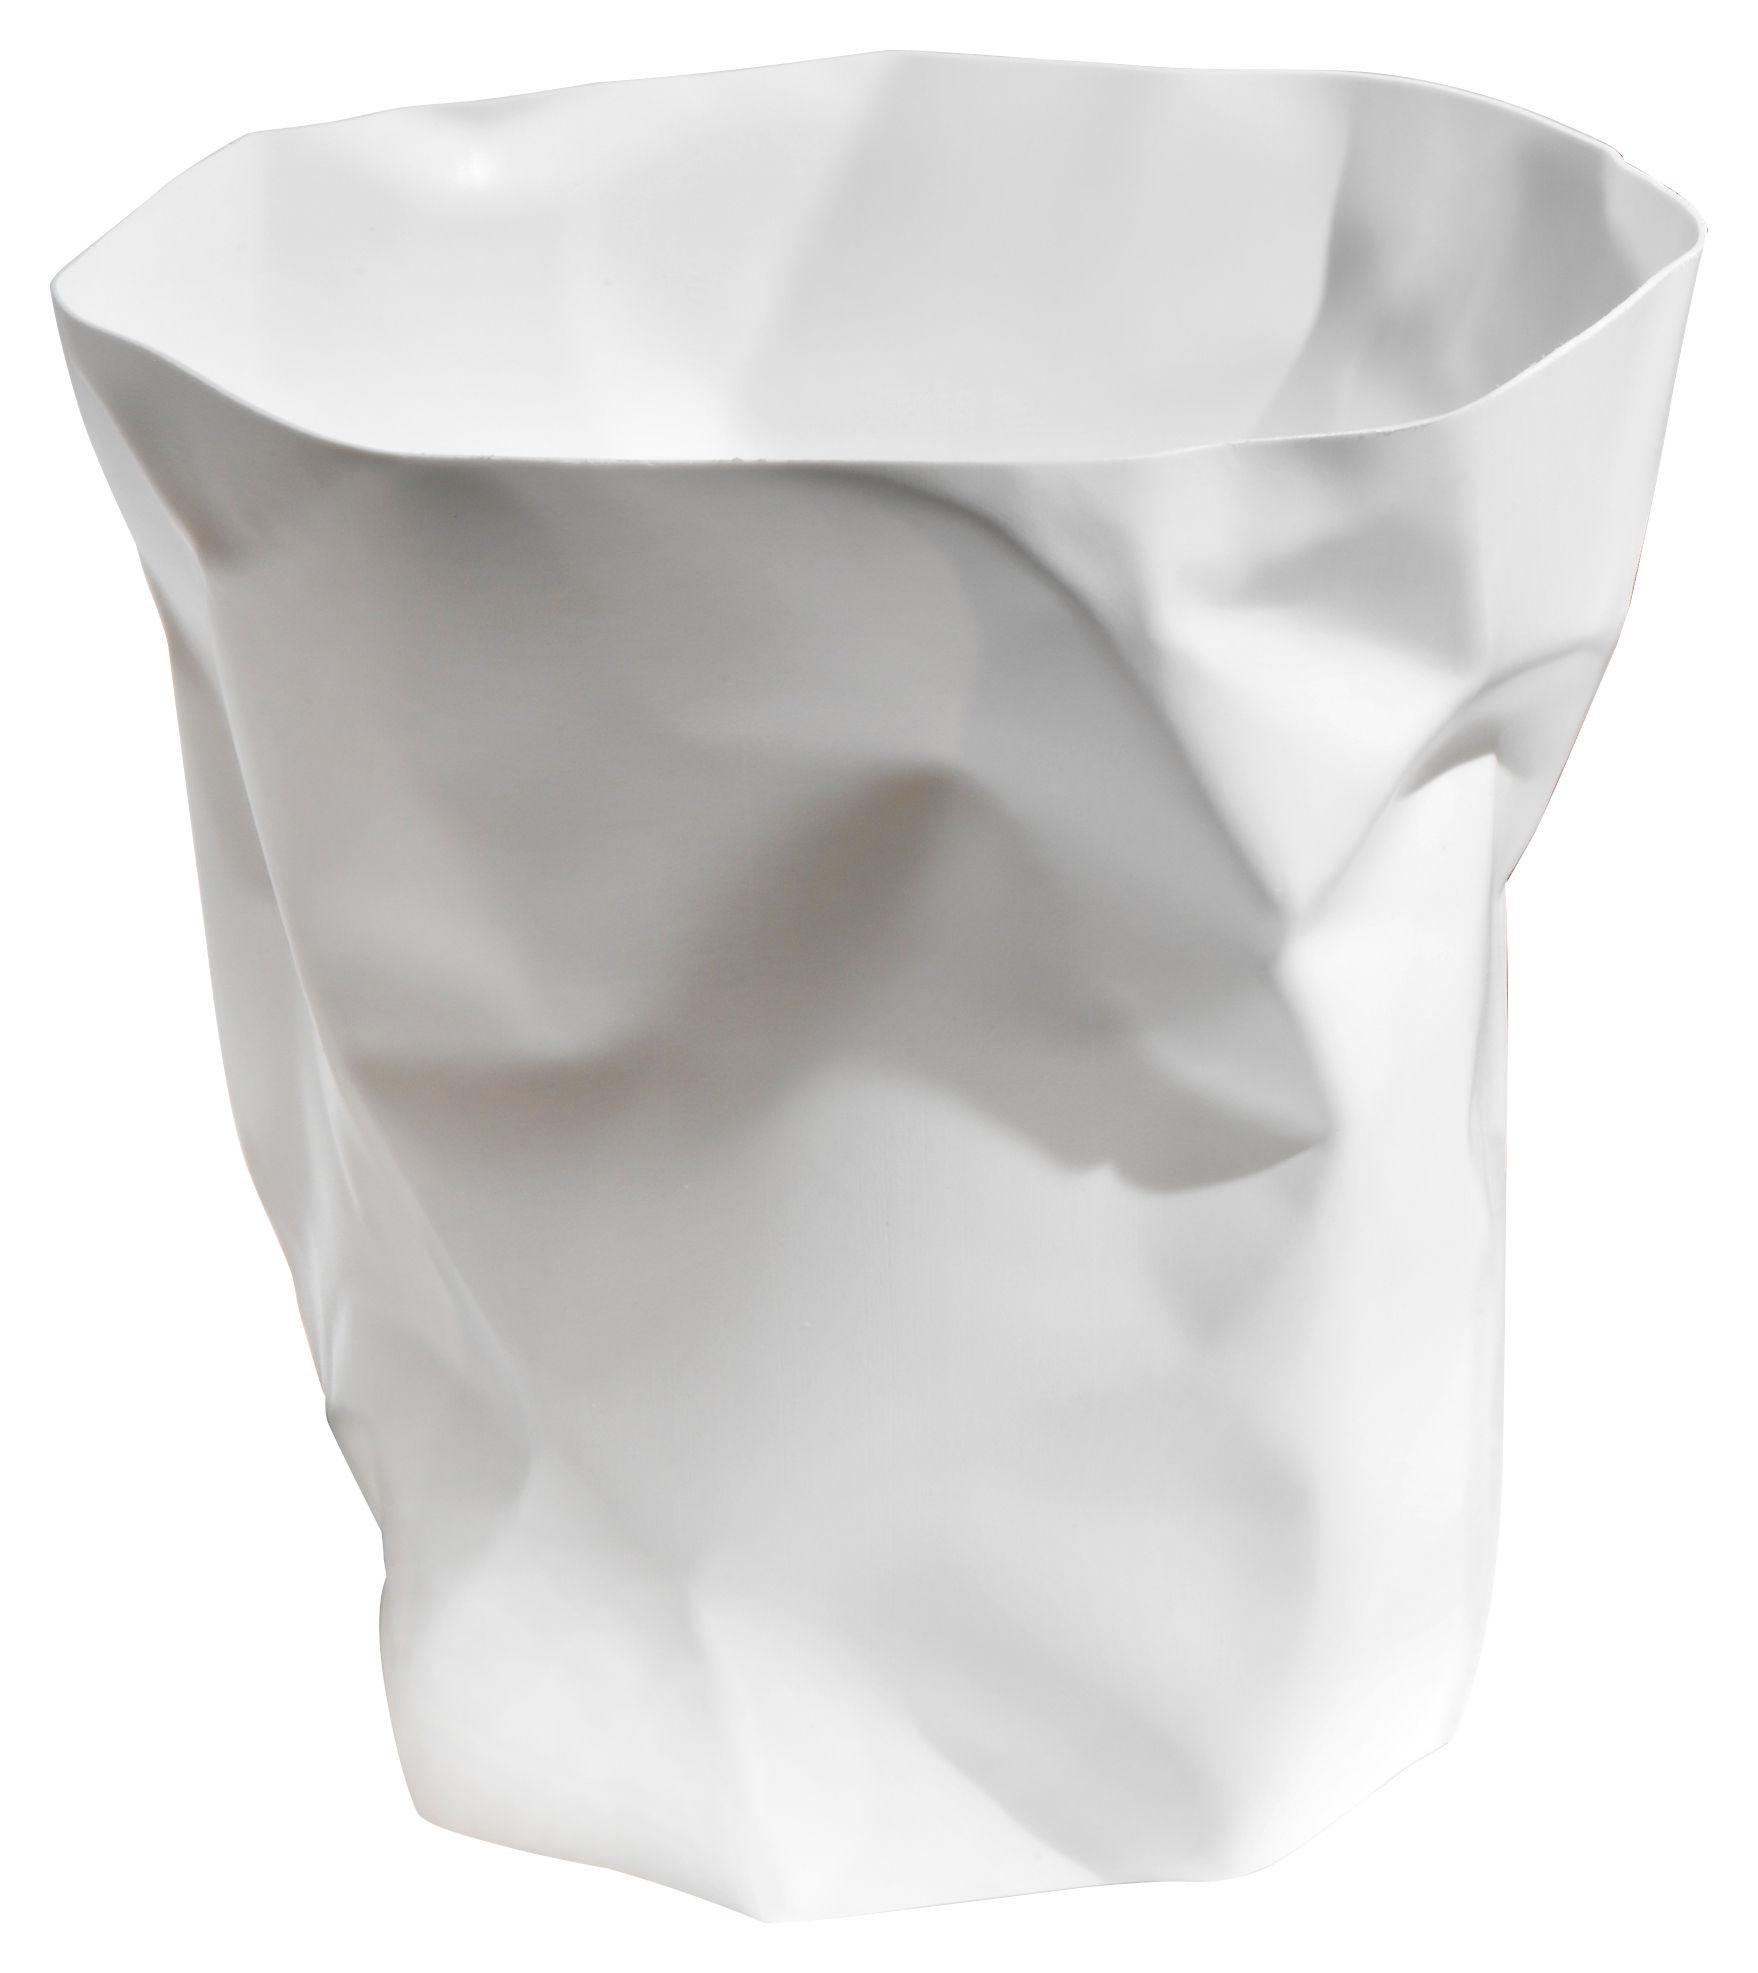 Déco - Accessoires bureau - Corbeille Bin Bin / H 31 cm - Essey - Blanc - Polyéthylène